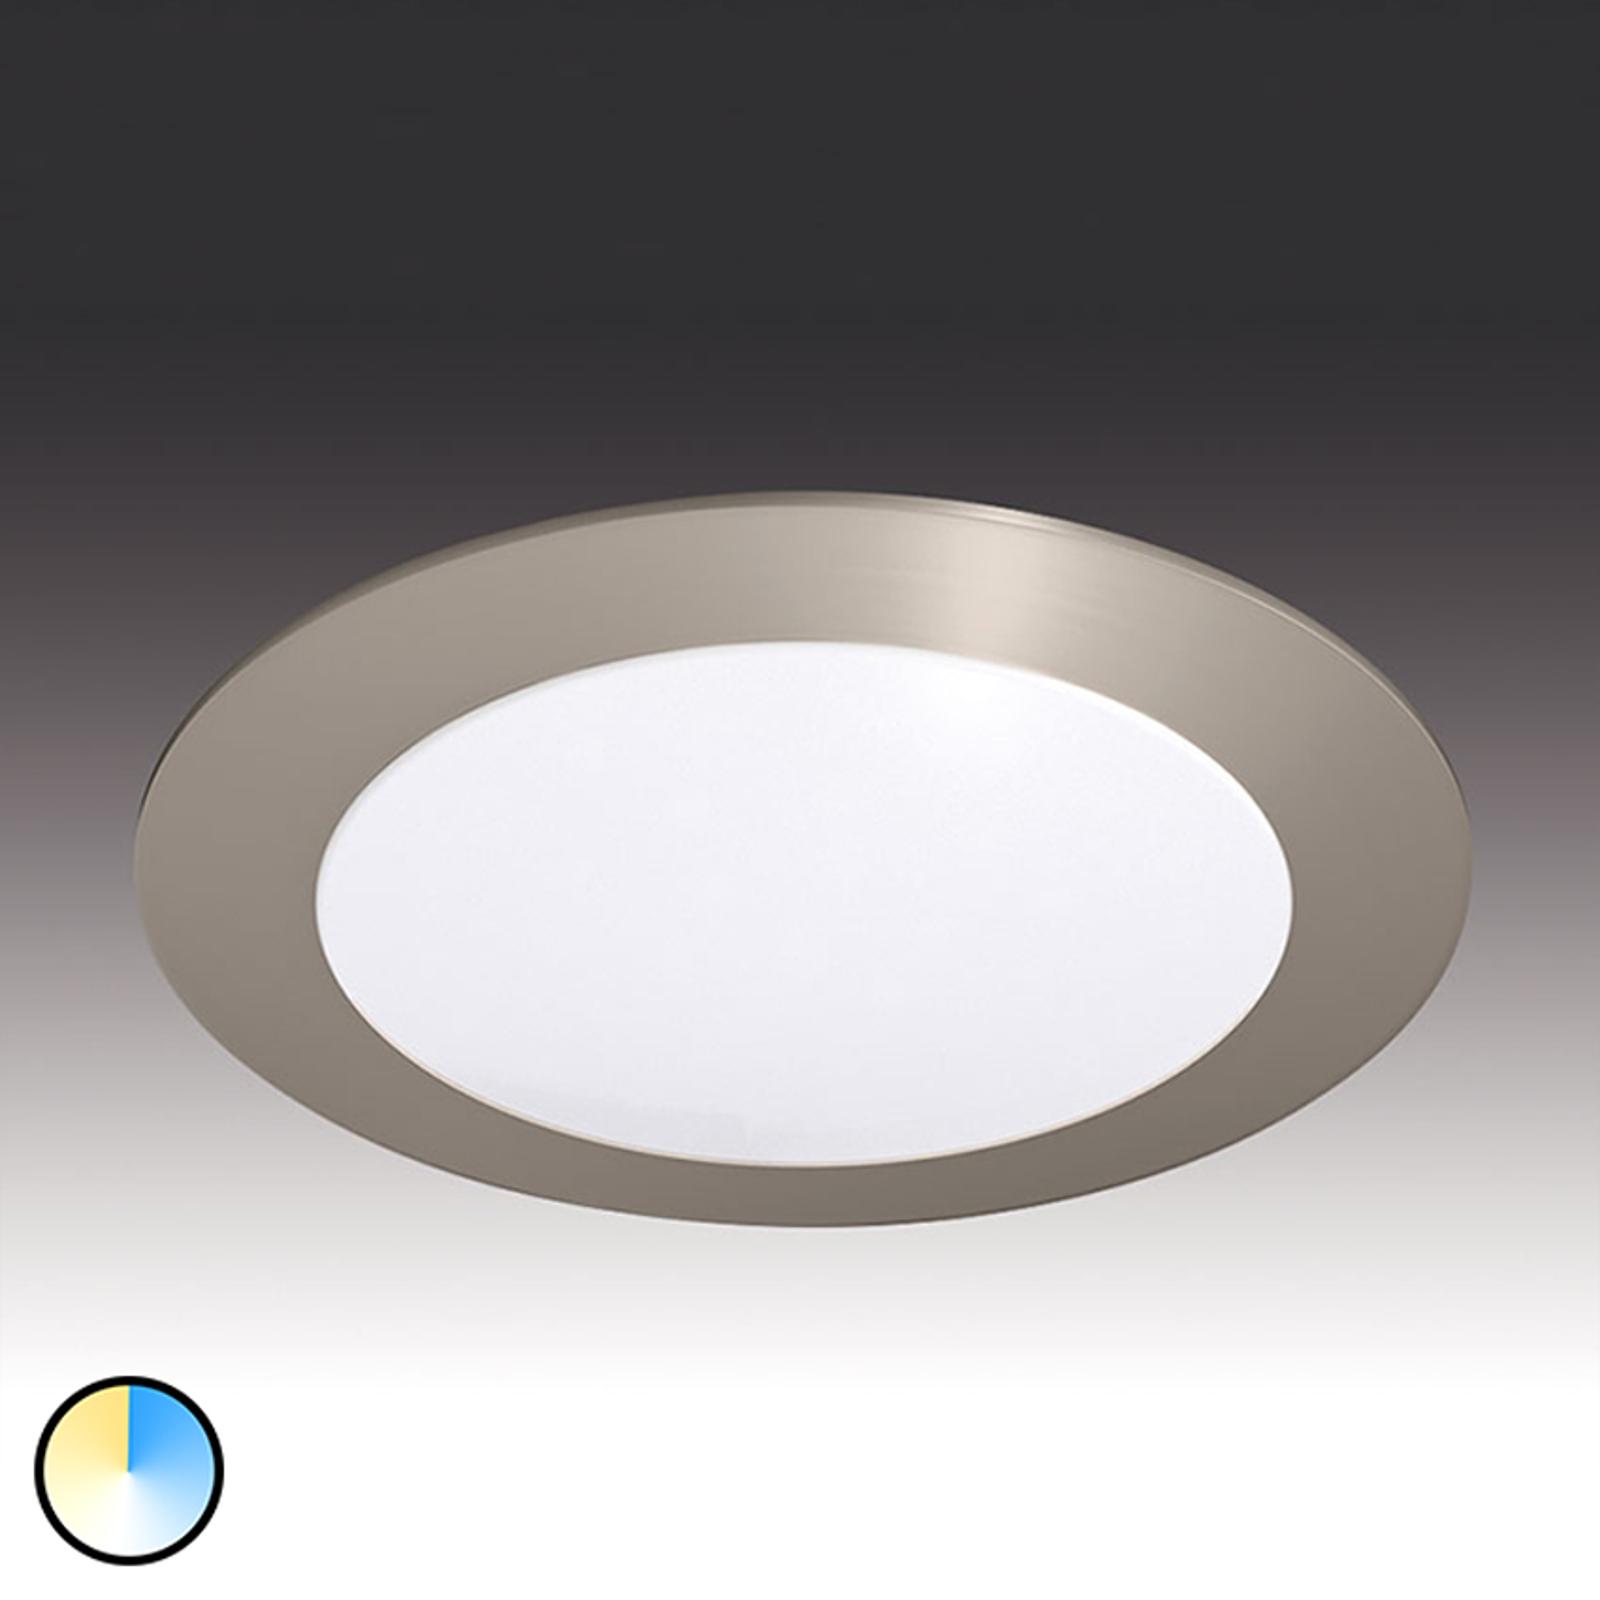 Lampe encastrable LED ronde Dynamic FR 68-LED